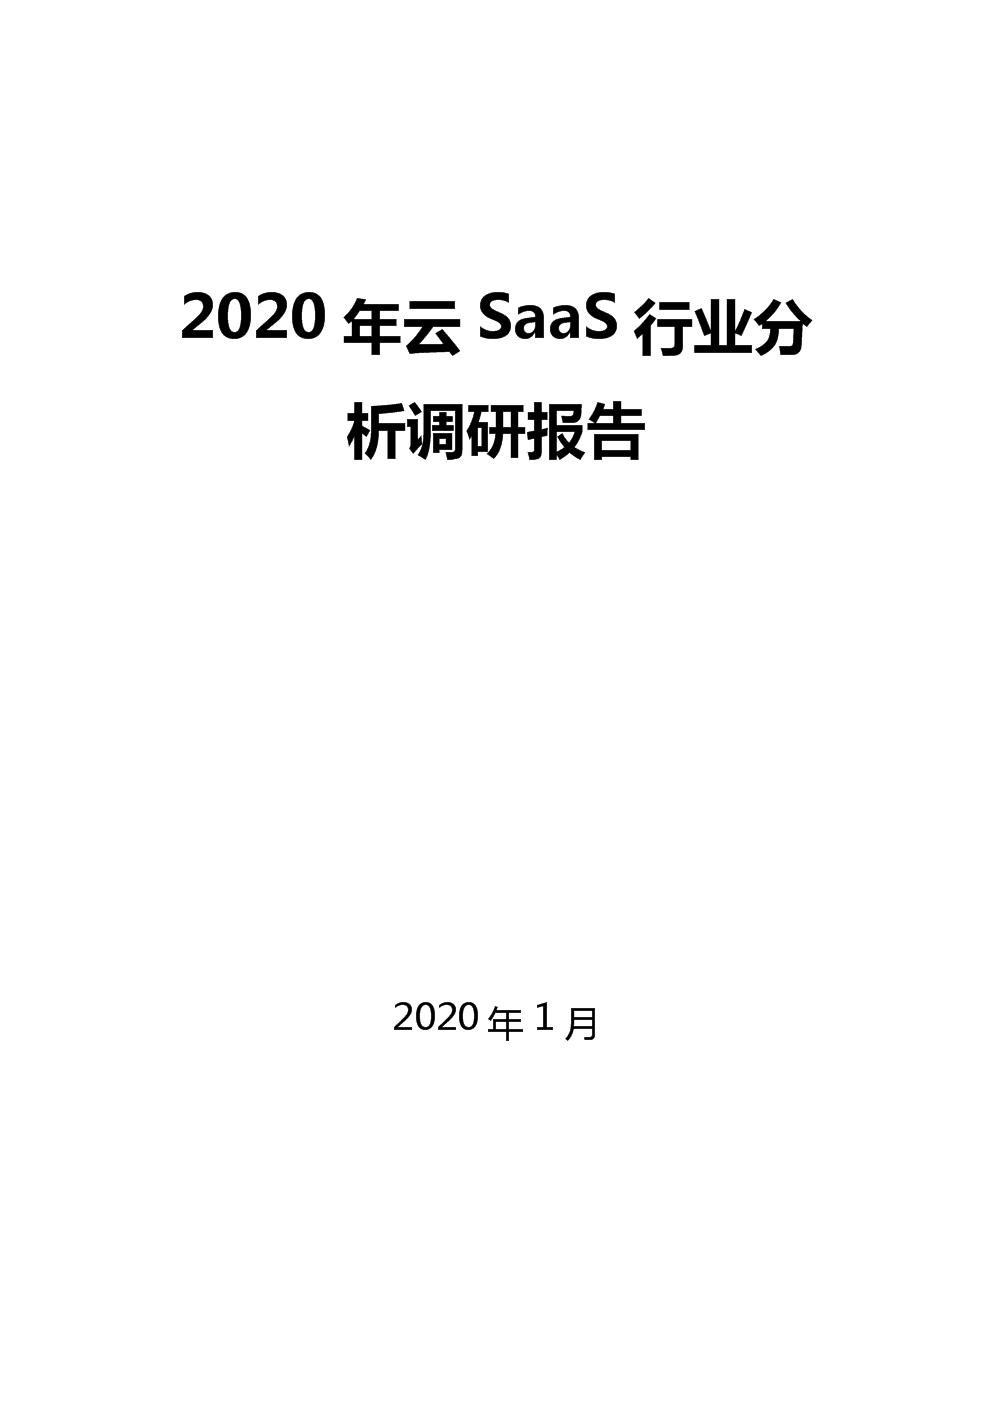 2020云SaaS行业分析报告.docx